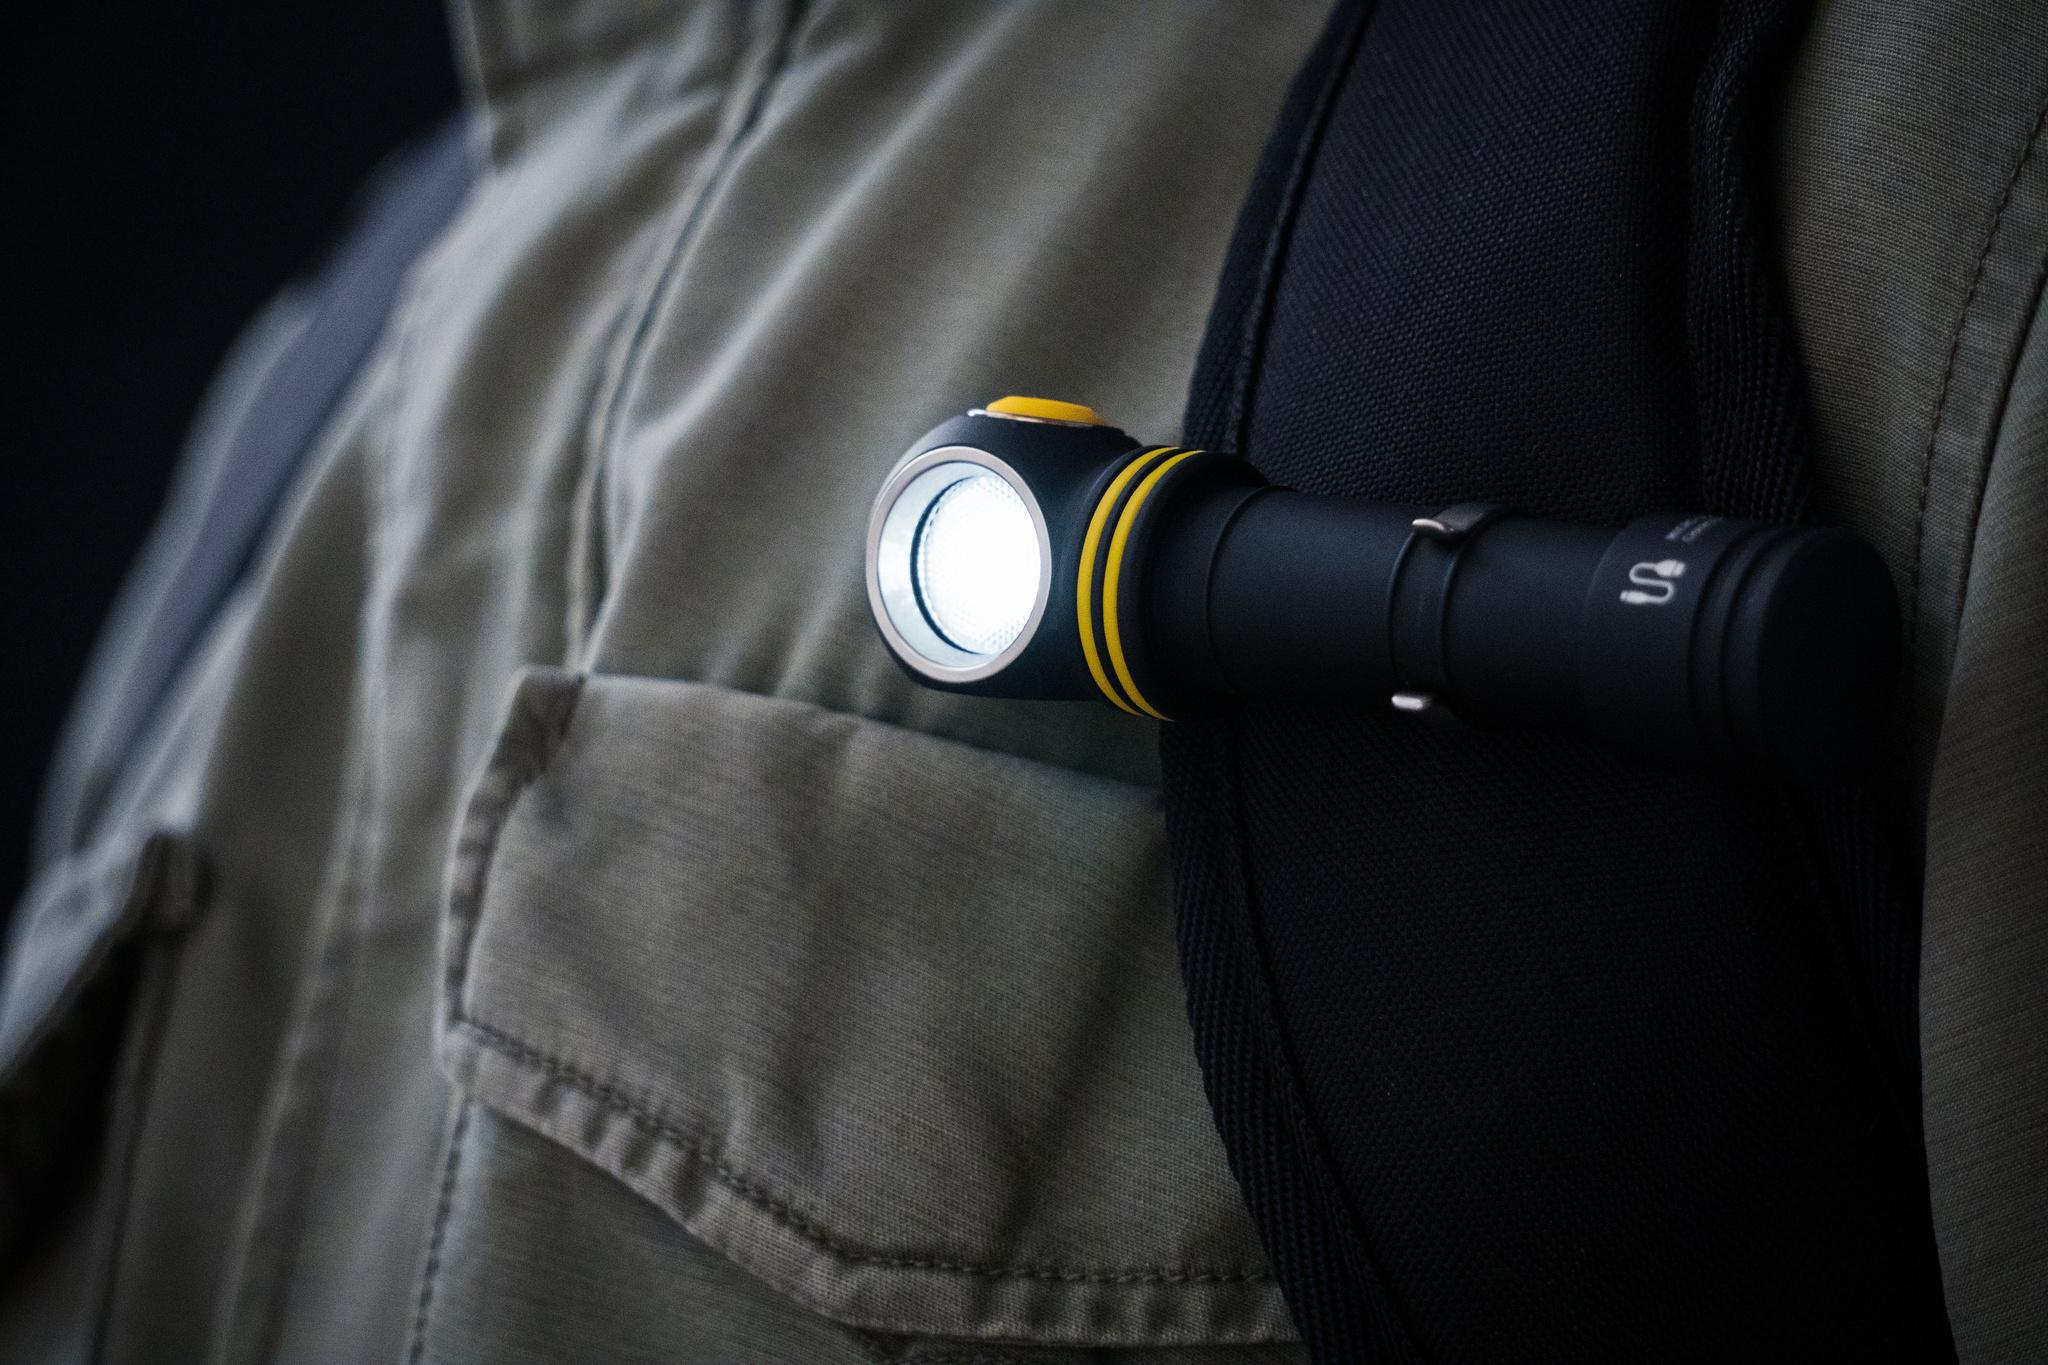 Налобный LED-фонарь Armytek Elf C2 Micro USB - фото 10